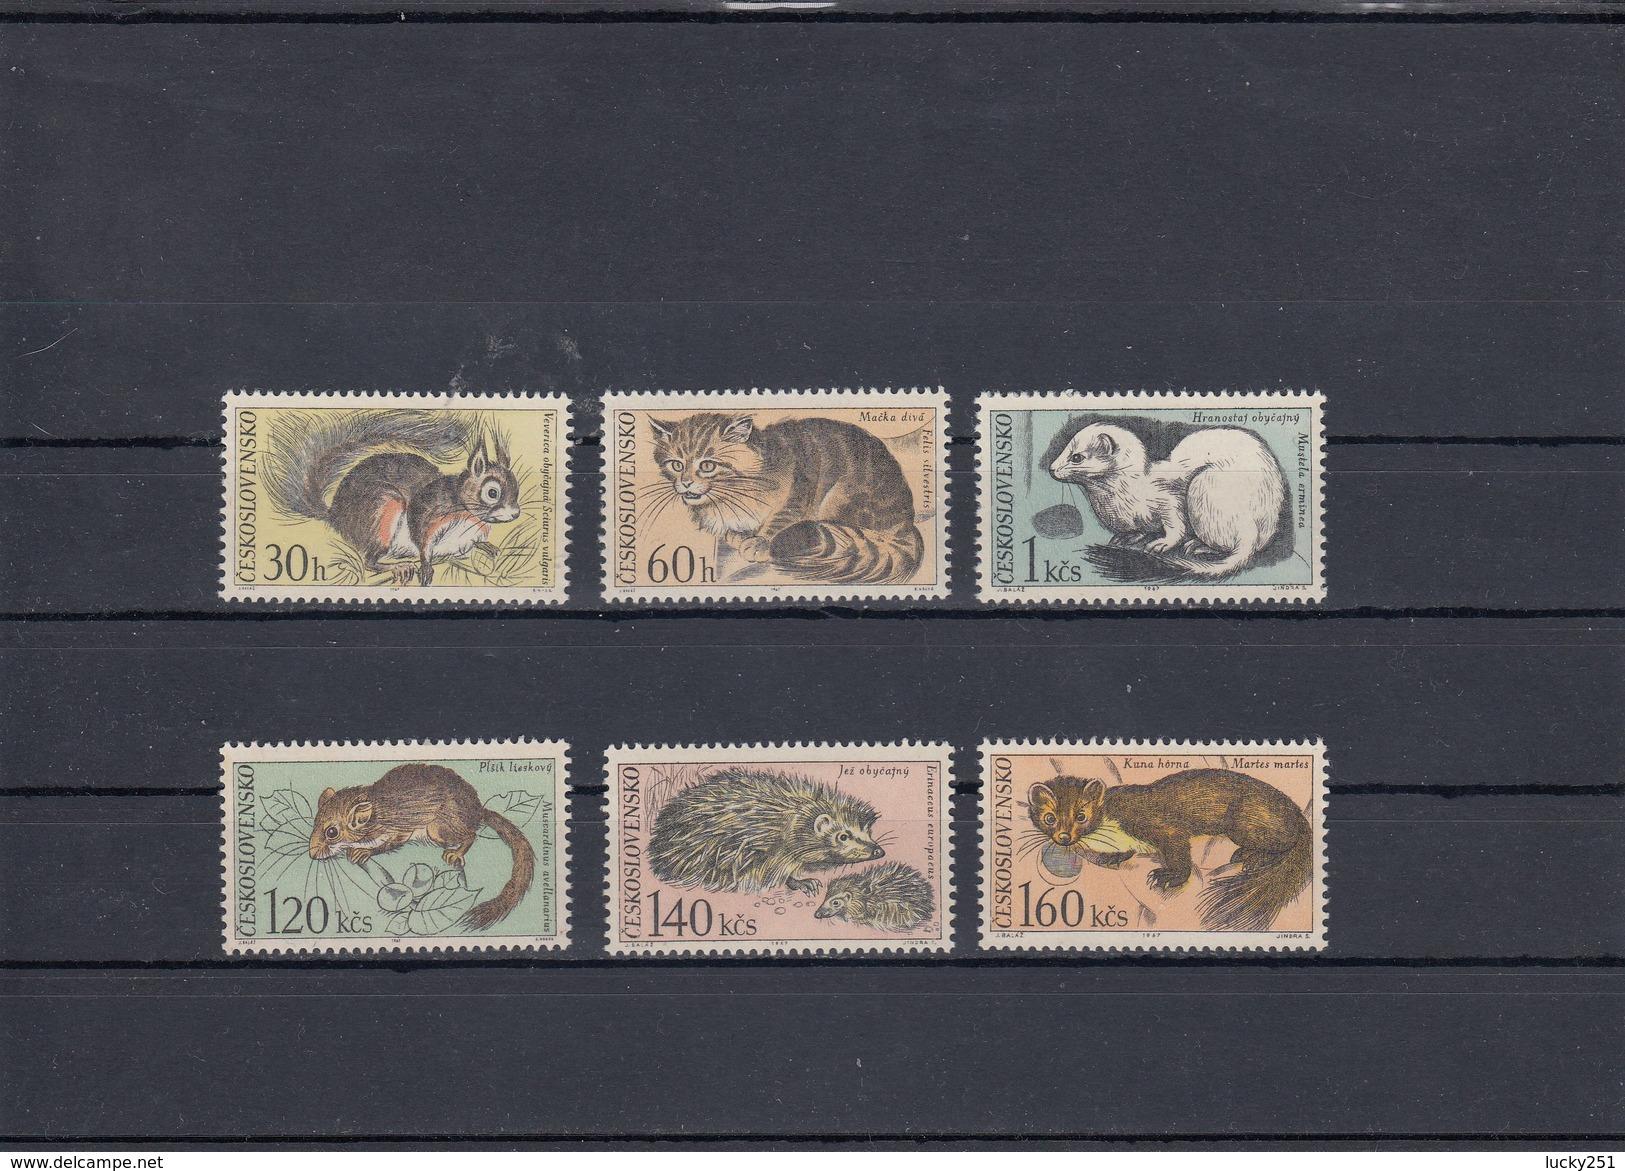 Tchécoslovaquie - Mammifères Divers - Neufs** - Année 1967 - Y.T. N° 1591/1596 - Nuovi